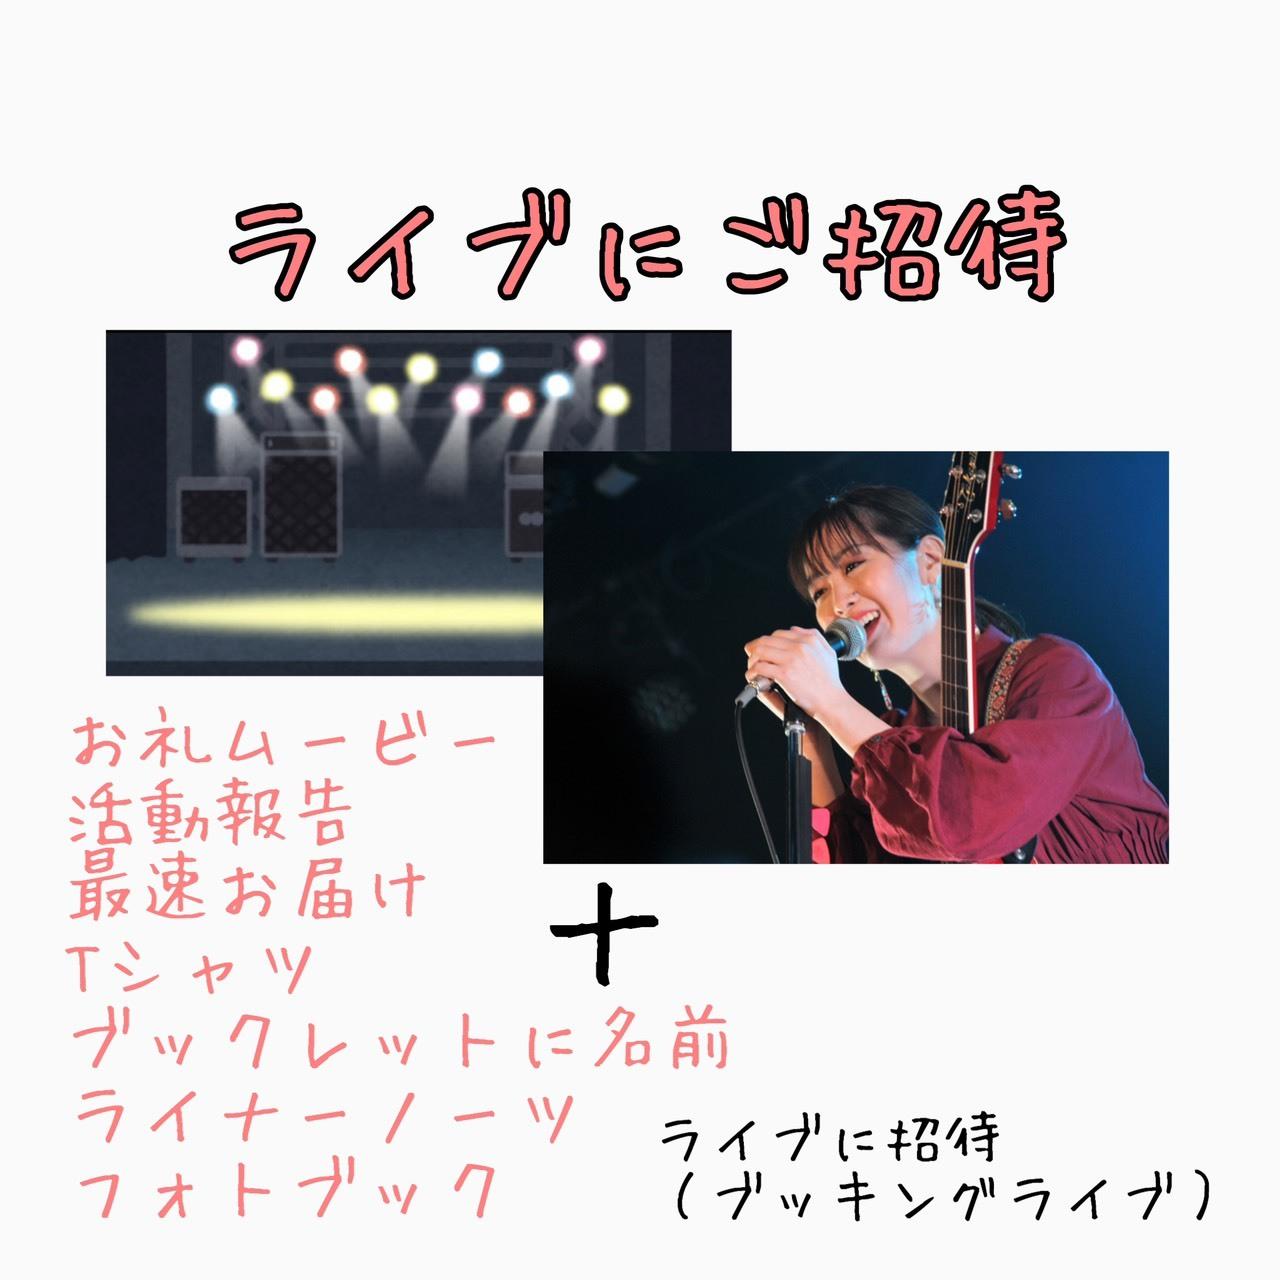 <ライブにご招待!ミニアルバムリリースイベント招待プラン>